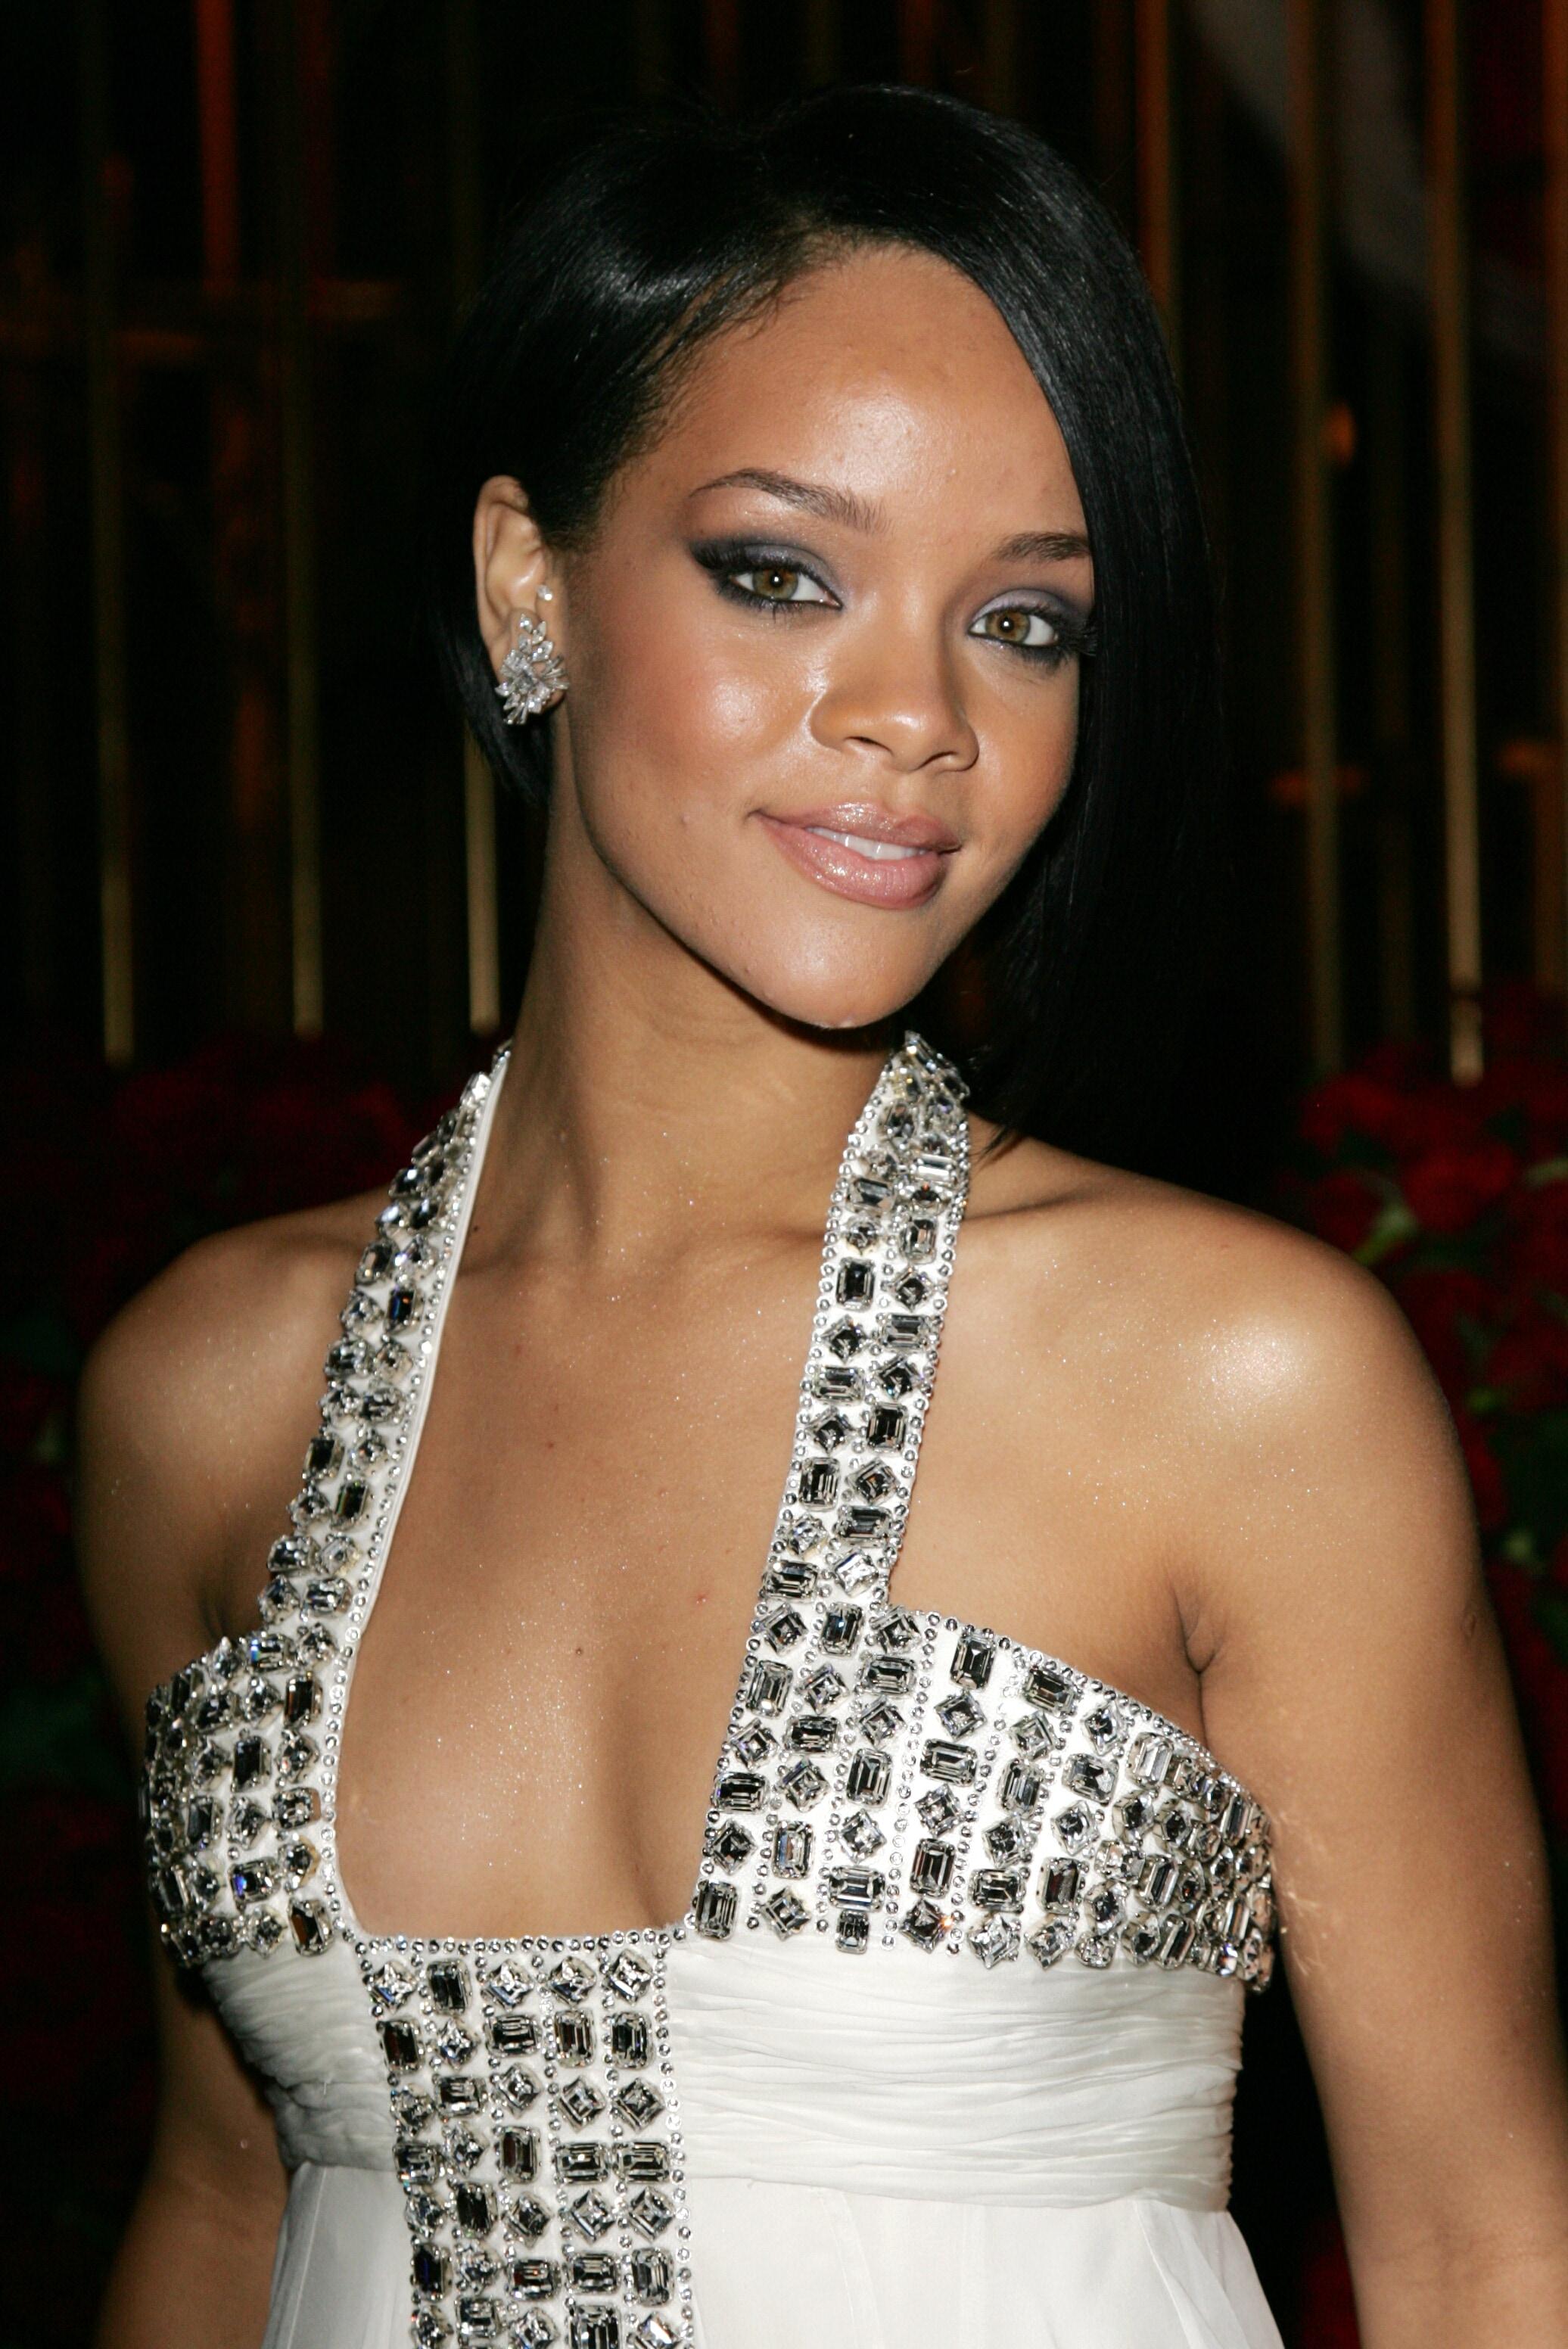 Villámedzés, sok-sok hal, néha sör - íme Rihanna engedékeny diétája! | appartmanhaus.hu